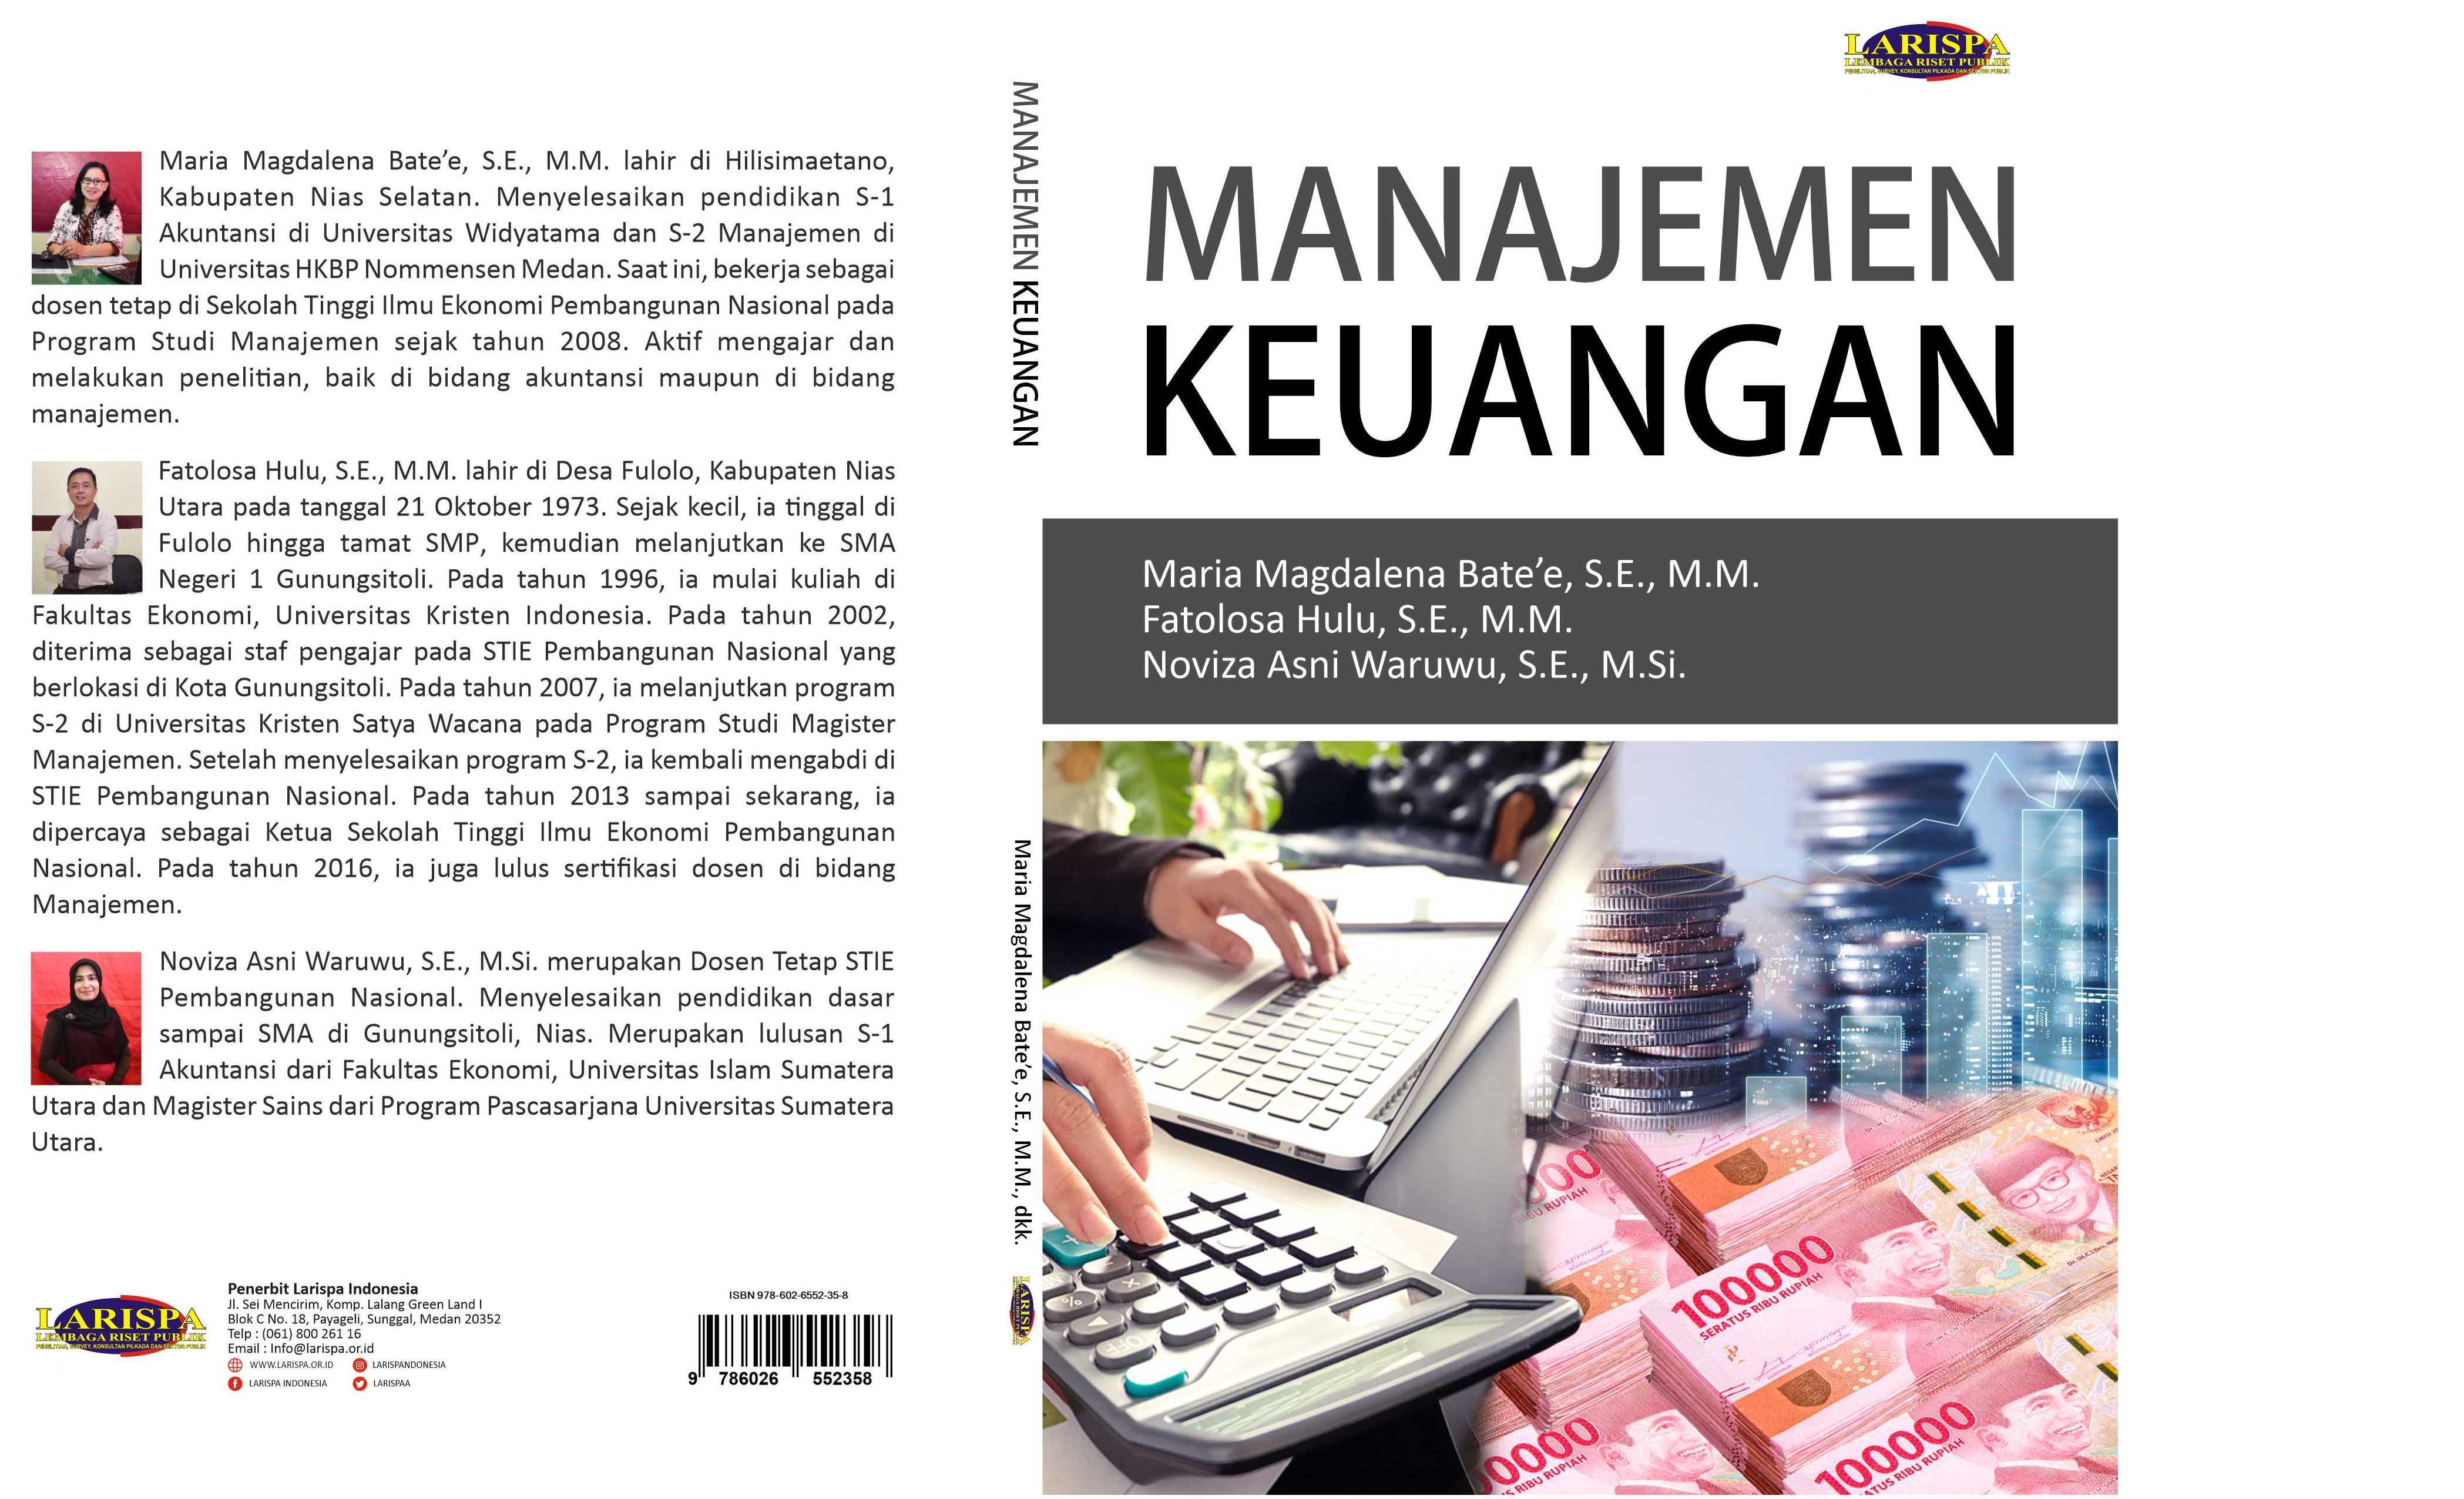 Manajamen Keuangan